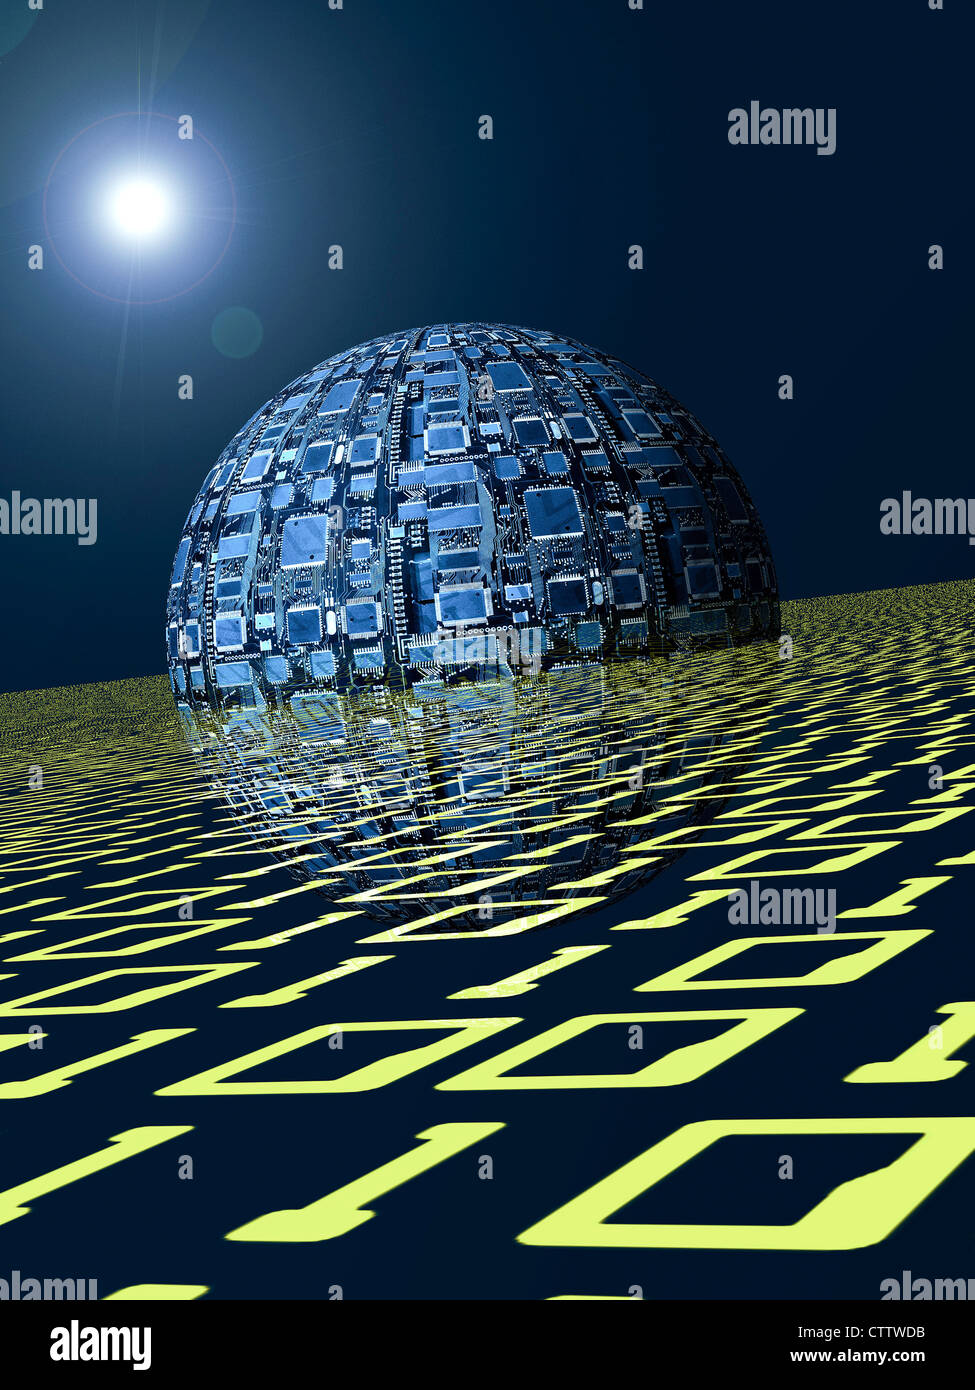 Kugel aus Computerchips in einer Ebene aus binären Zahlen - Stock Image